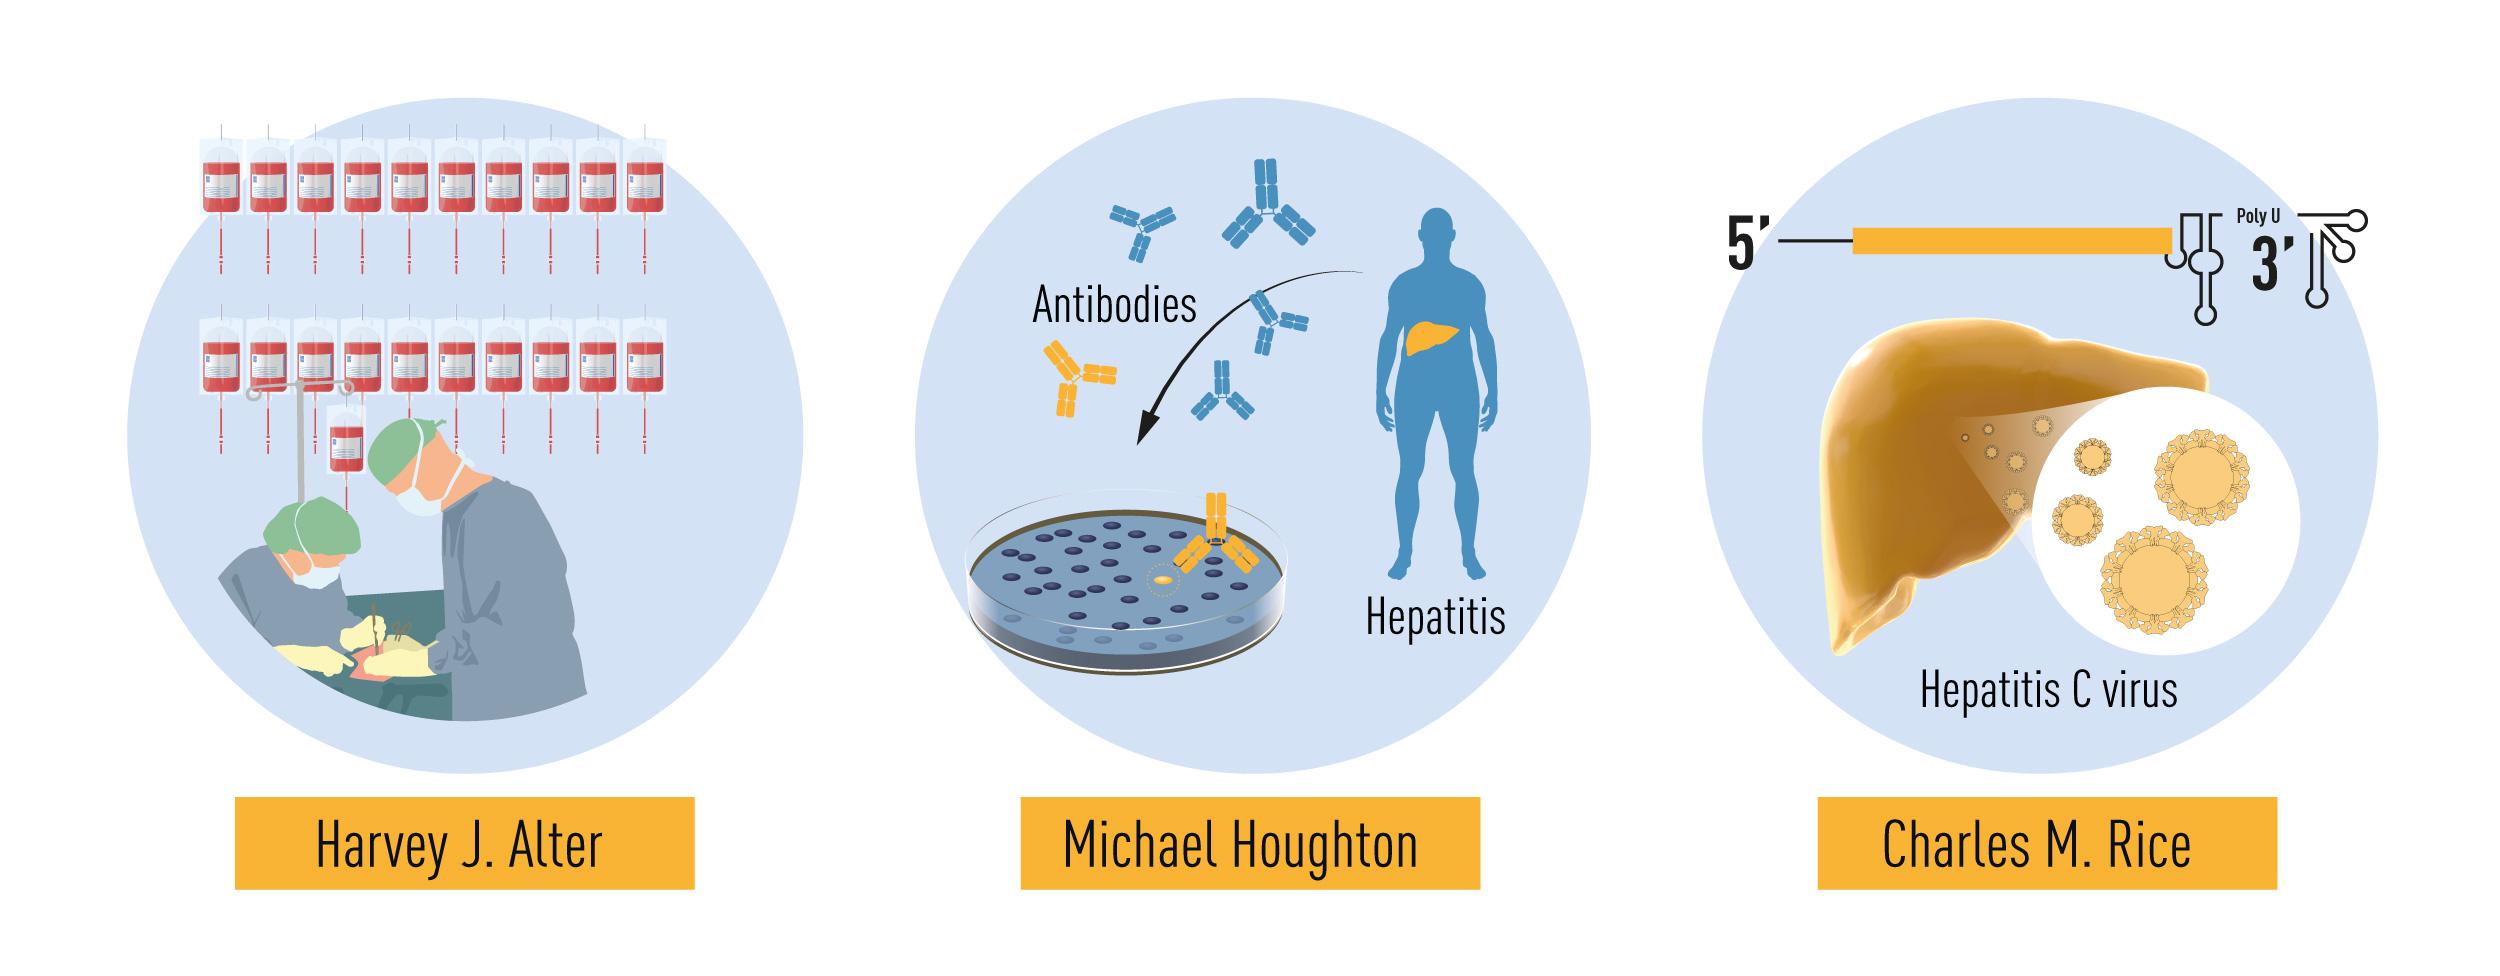 Resumo das descobertas concedidas pelo prémio Nobel deste ano. Os estudos metódicos de hepatite associada à transfusão por Harvey J. Alter demonstraram que um vírus desconhecido era uma causa comum de hepatite crónica. Michael Houghton usou uma estratégia não testada para isolar o genoma do novo vírus, o vírus da hepatite C. Charles M. Rice forneceu a evidência final mostrando que o vírus da Hepatite C sozinho pode causar hepatite.(imagem: )